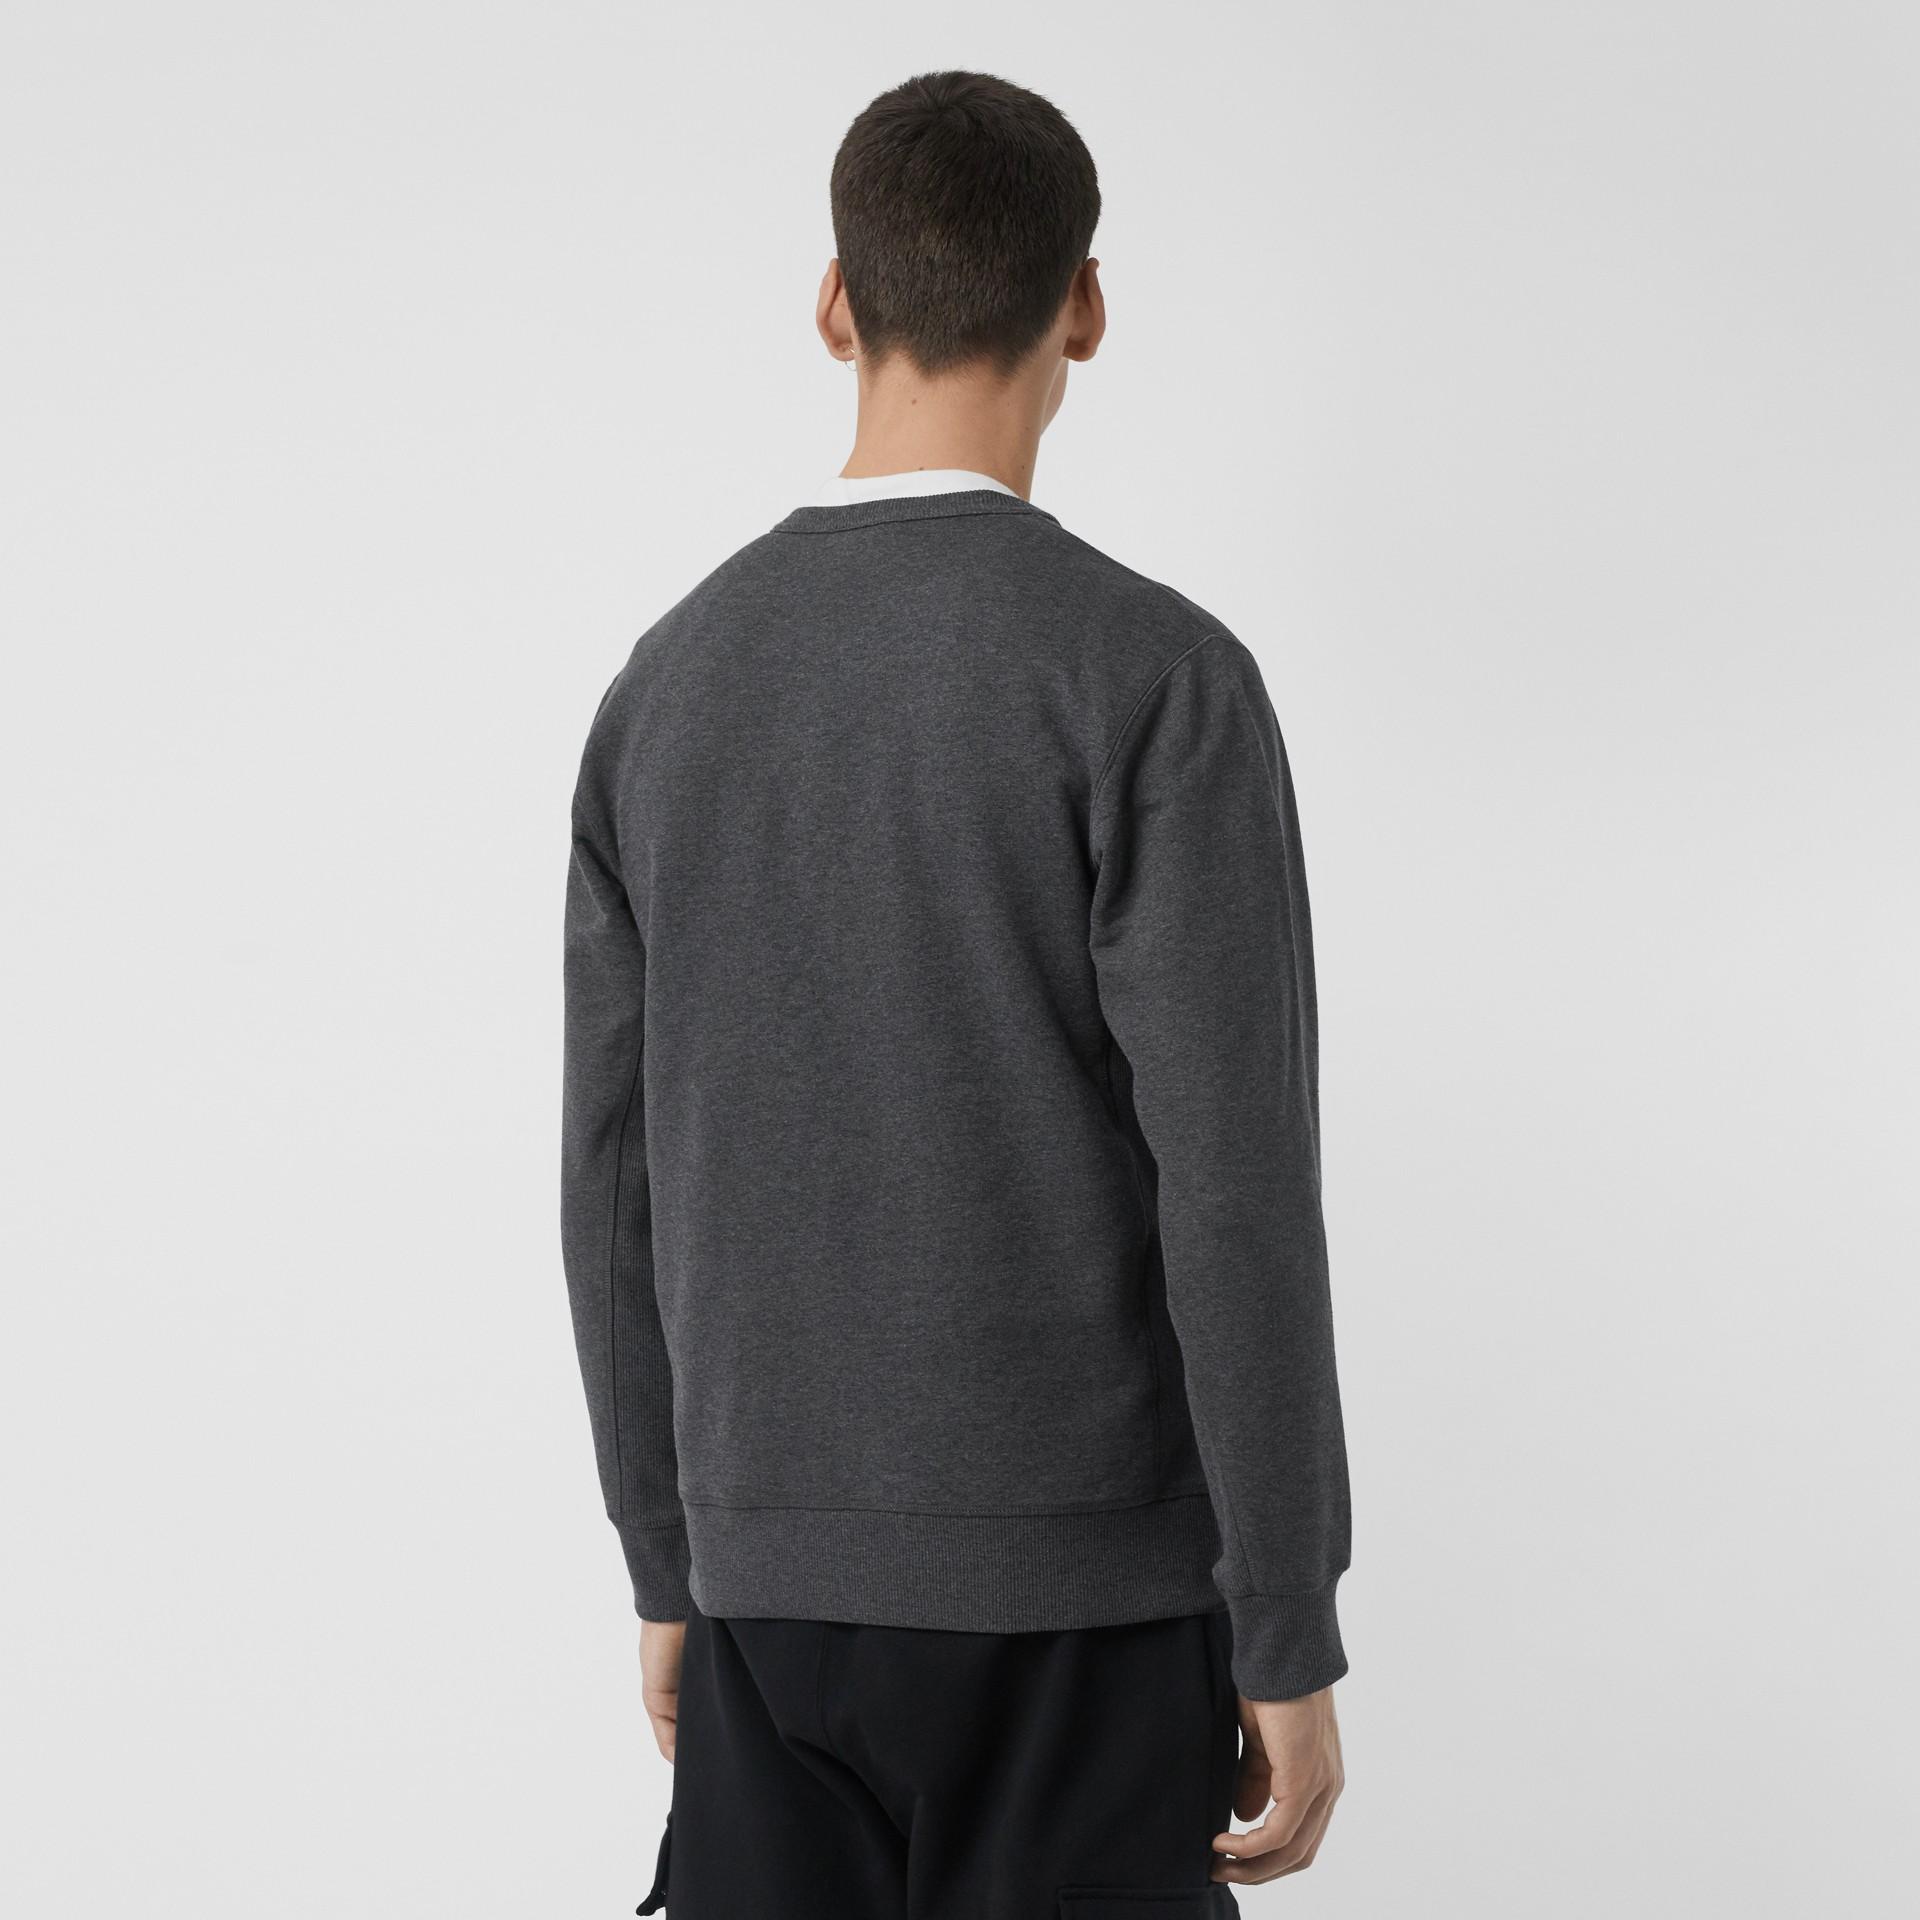 Sweat-shirt en coton avec écusson brodé (Camaïeu De Gris Moyens) - Homme | Burberry Canada - photo de la galerie 2